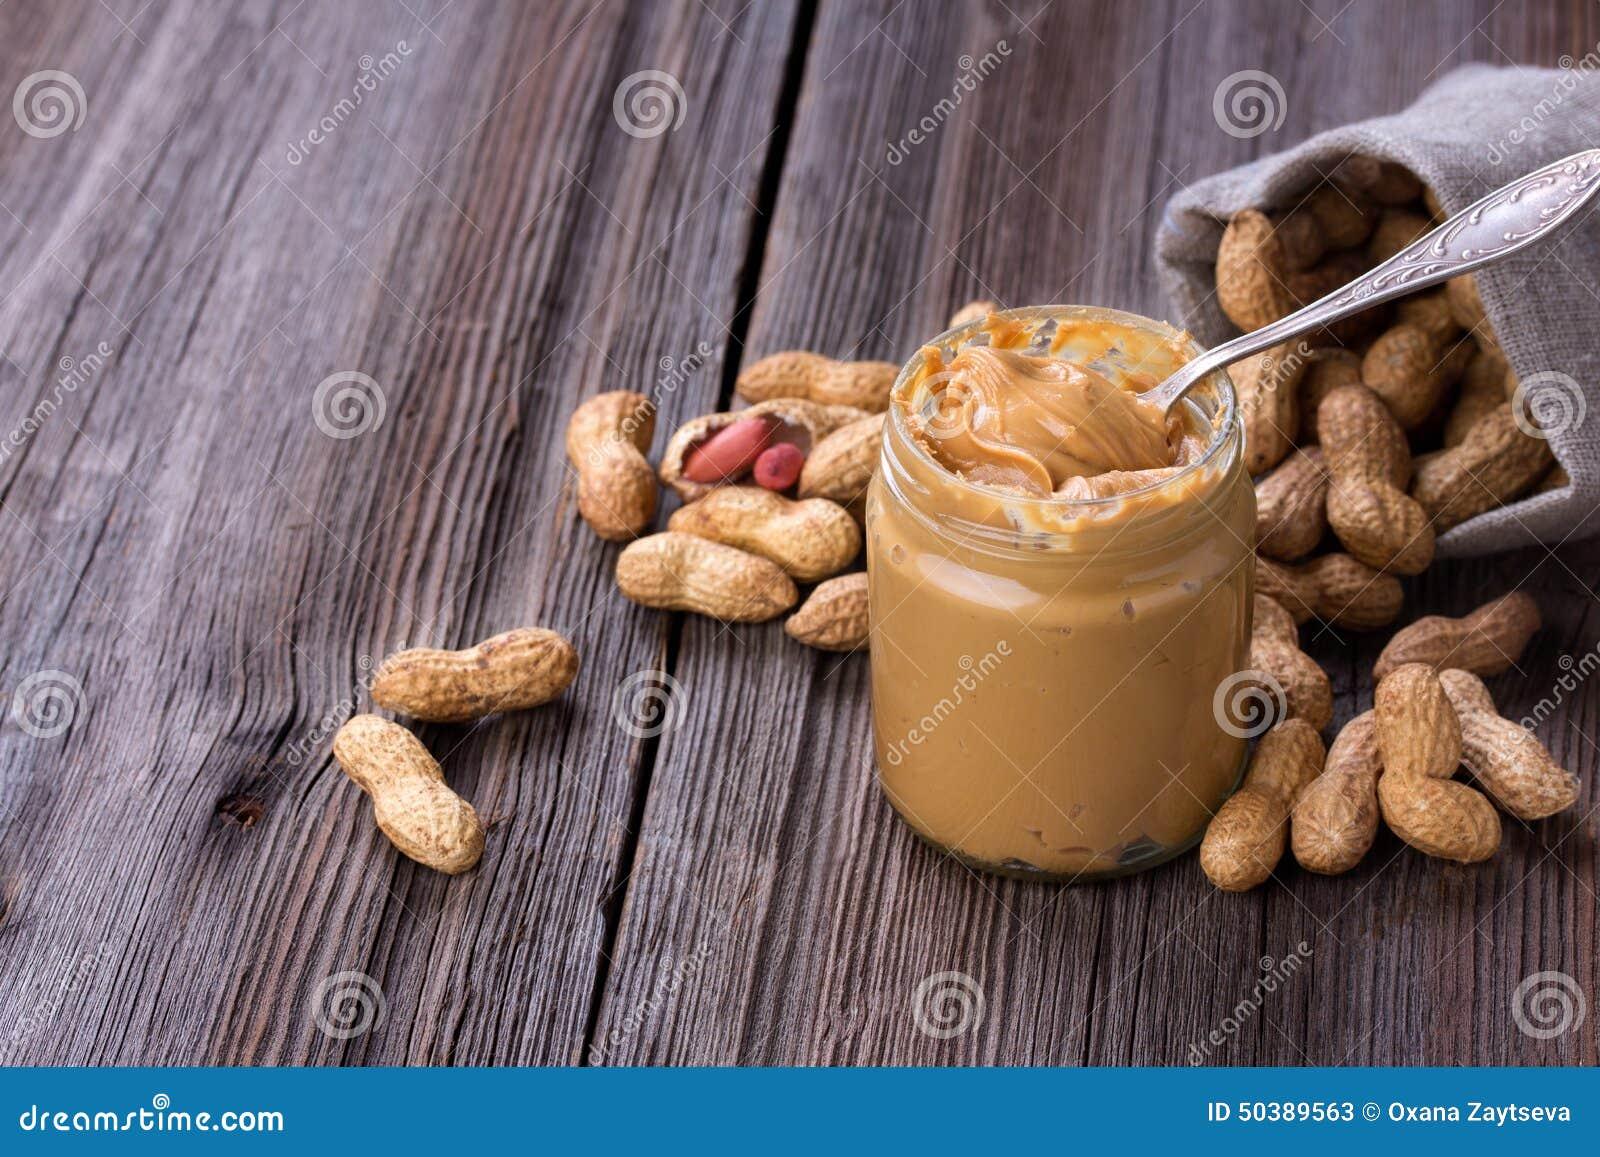 Mantequilla de cacahuete cremosa hecha fresca en un tarro de cristal